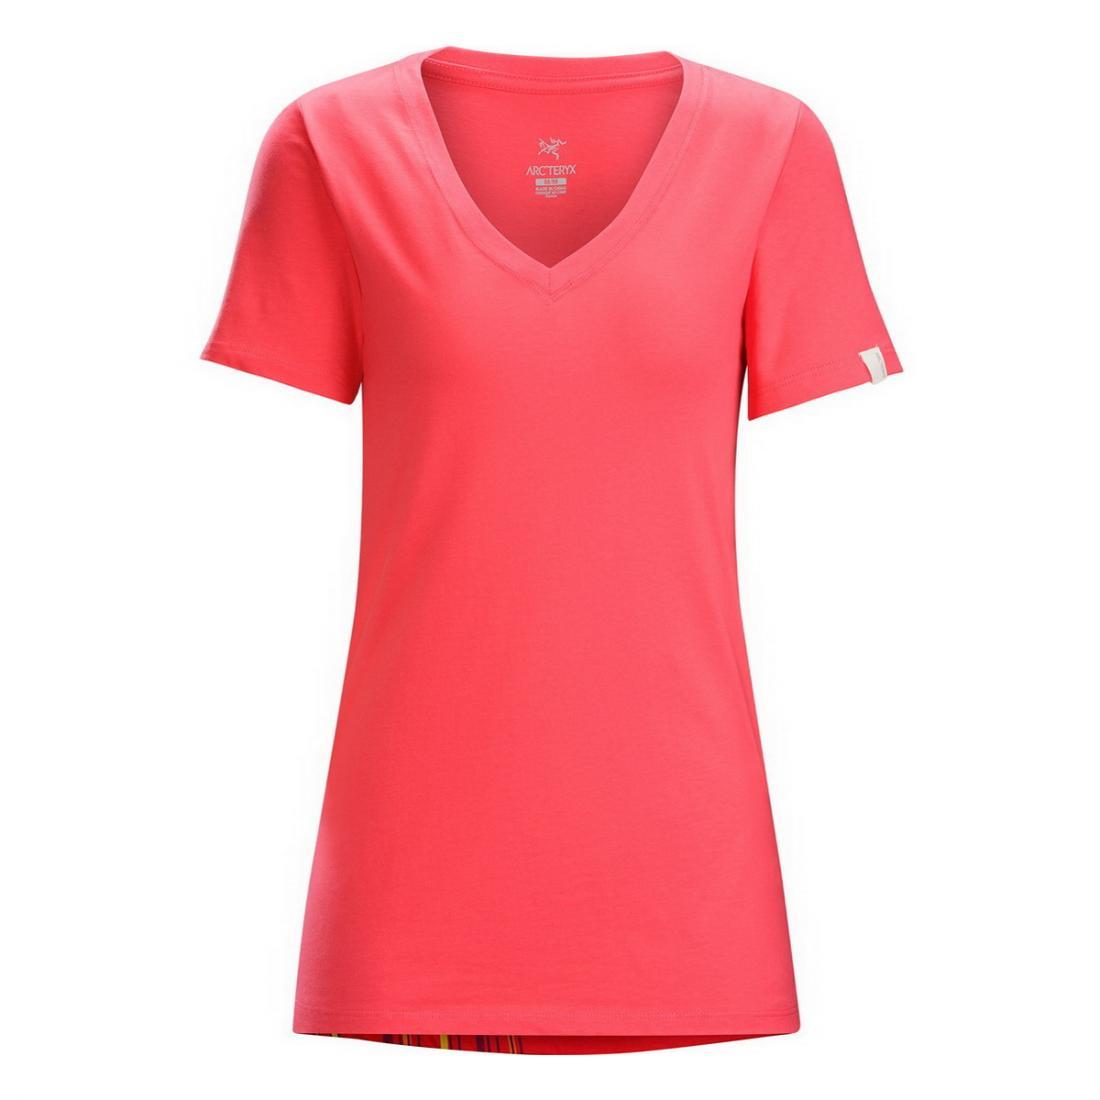 Футболка Bird Trio SS T-Shirt жен.Футболки, поло<br><br> Женская футболка Arcteryx Bird Trio с принтом, расположенным на плече и круглым вырезом изготовлена из натурального хлопка. Этот легкий, гигиеничный, дышащий материал дарит комфорт во время эксплуатации. Модель отличается простотой ухода и не теряе...<br><br>Цвет: Розовый<br>Размер: S